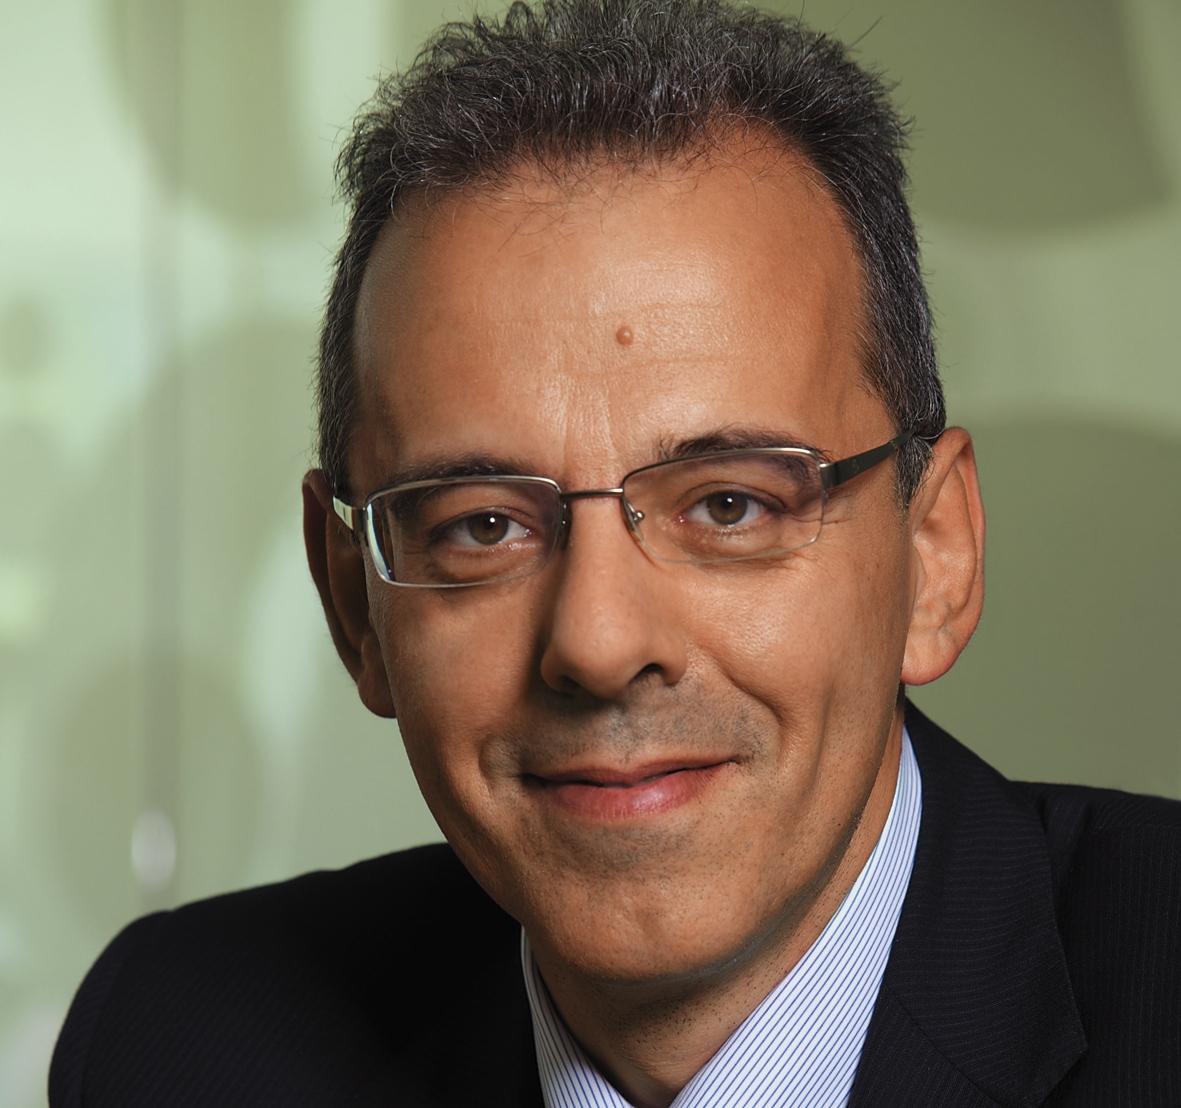 Manlio Costantini